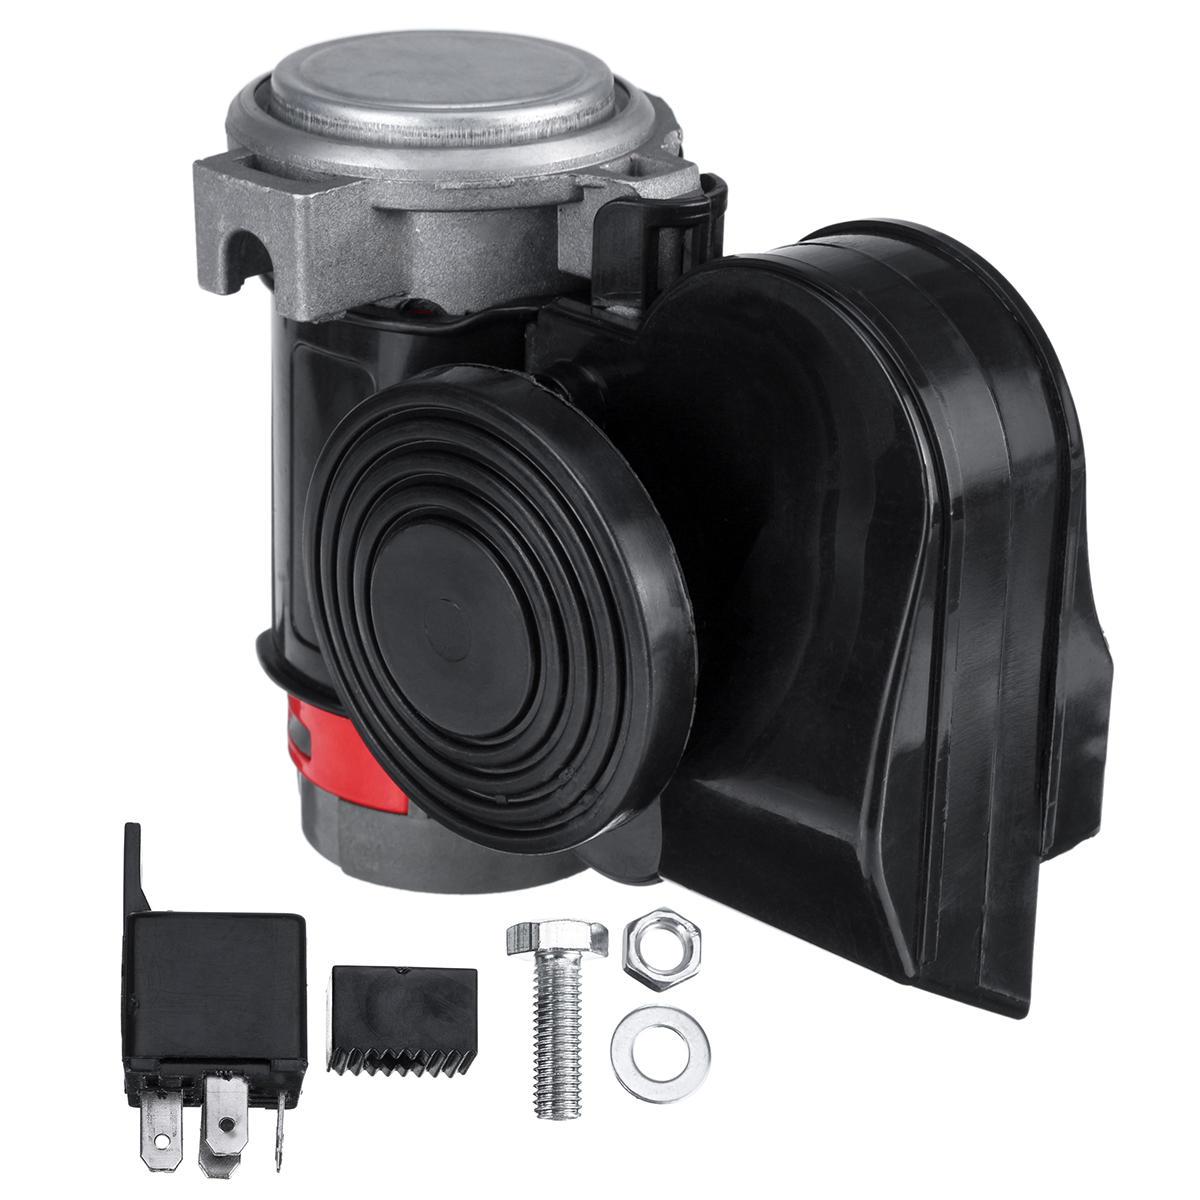 24V 139dB Compresseur de pompe à trompette électrique à double ton électrique Super Loud pour moto de camion de voiture